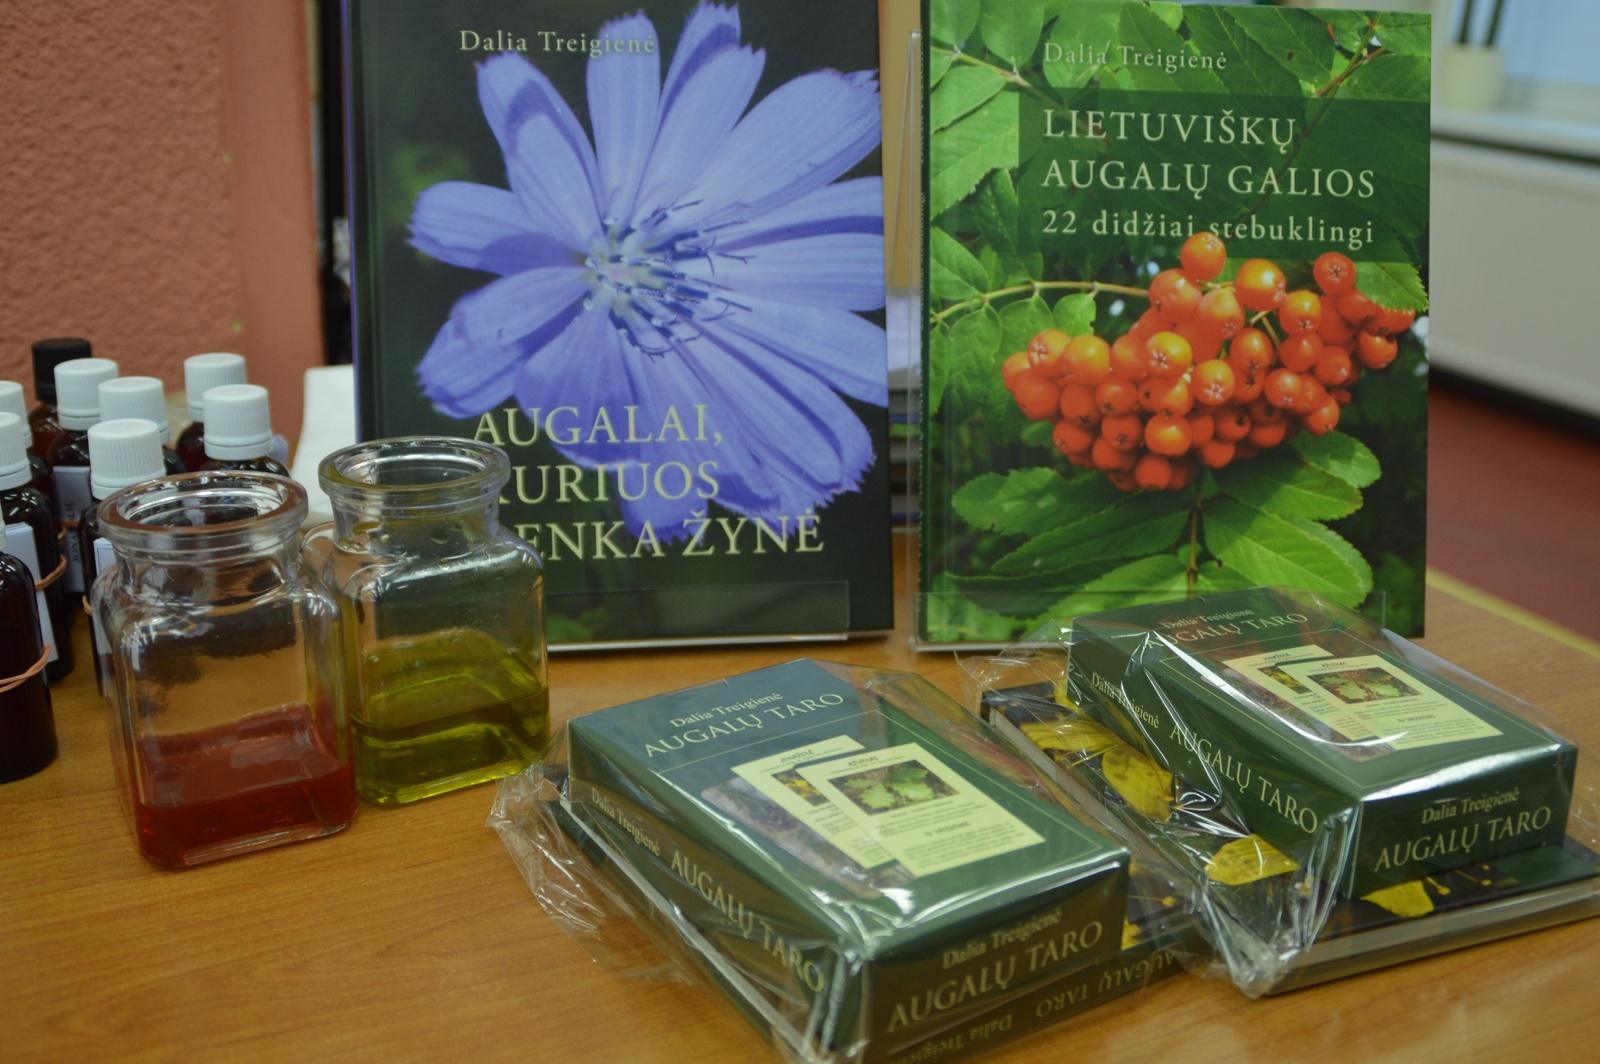 Augalų užkalbėtojos Dalios Treigienės patarimai